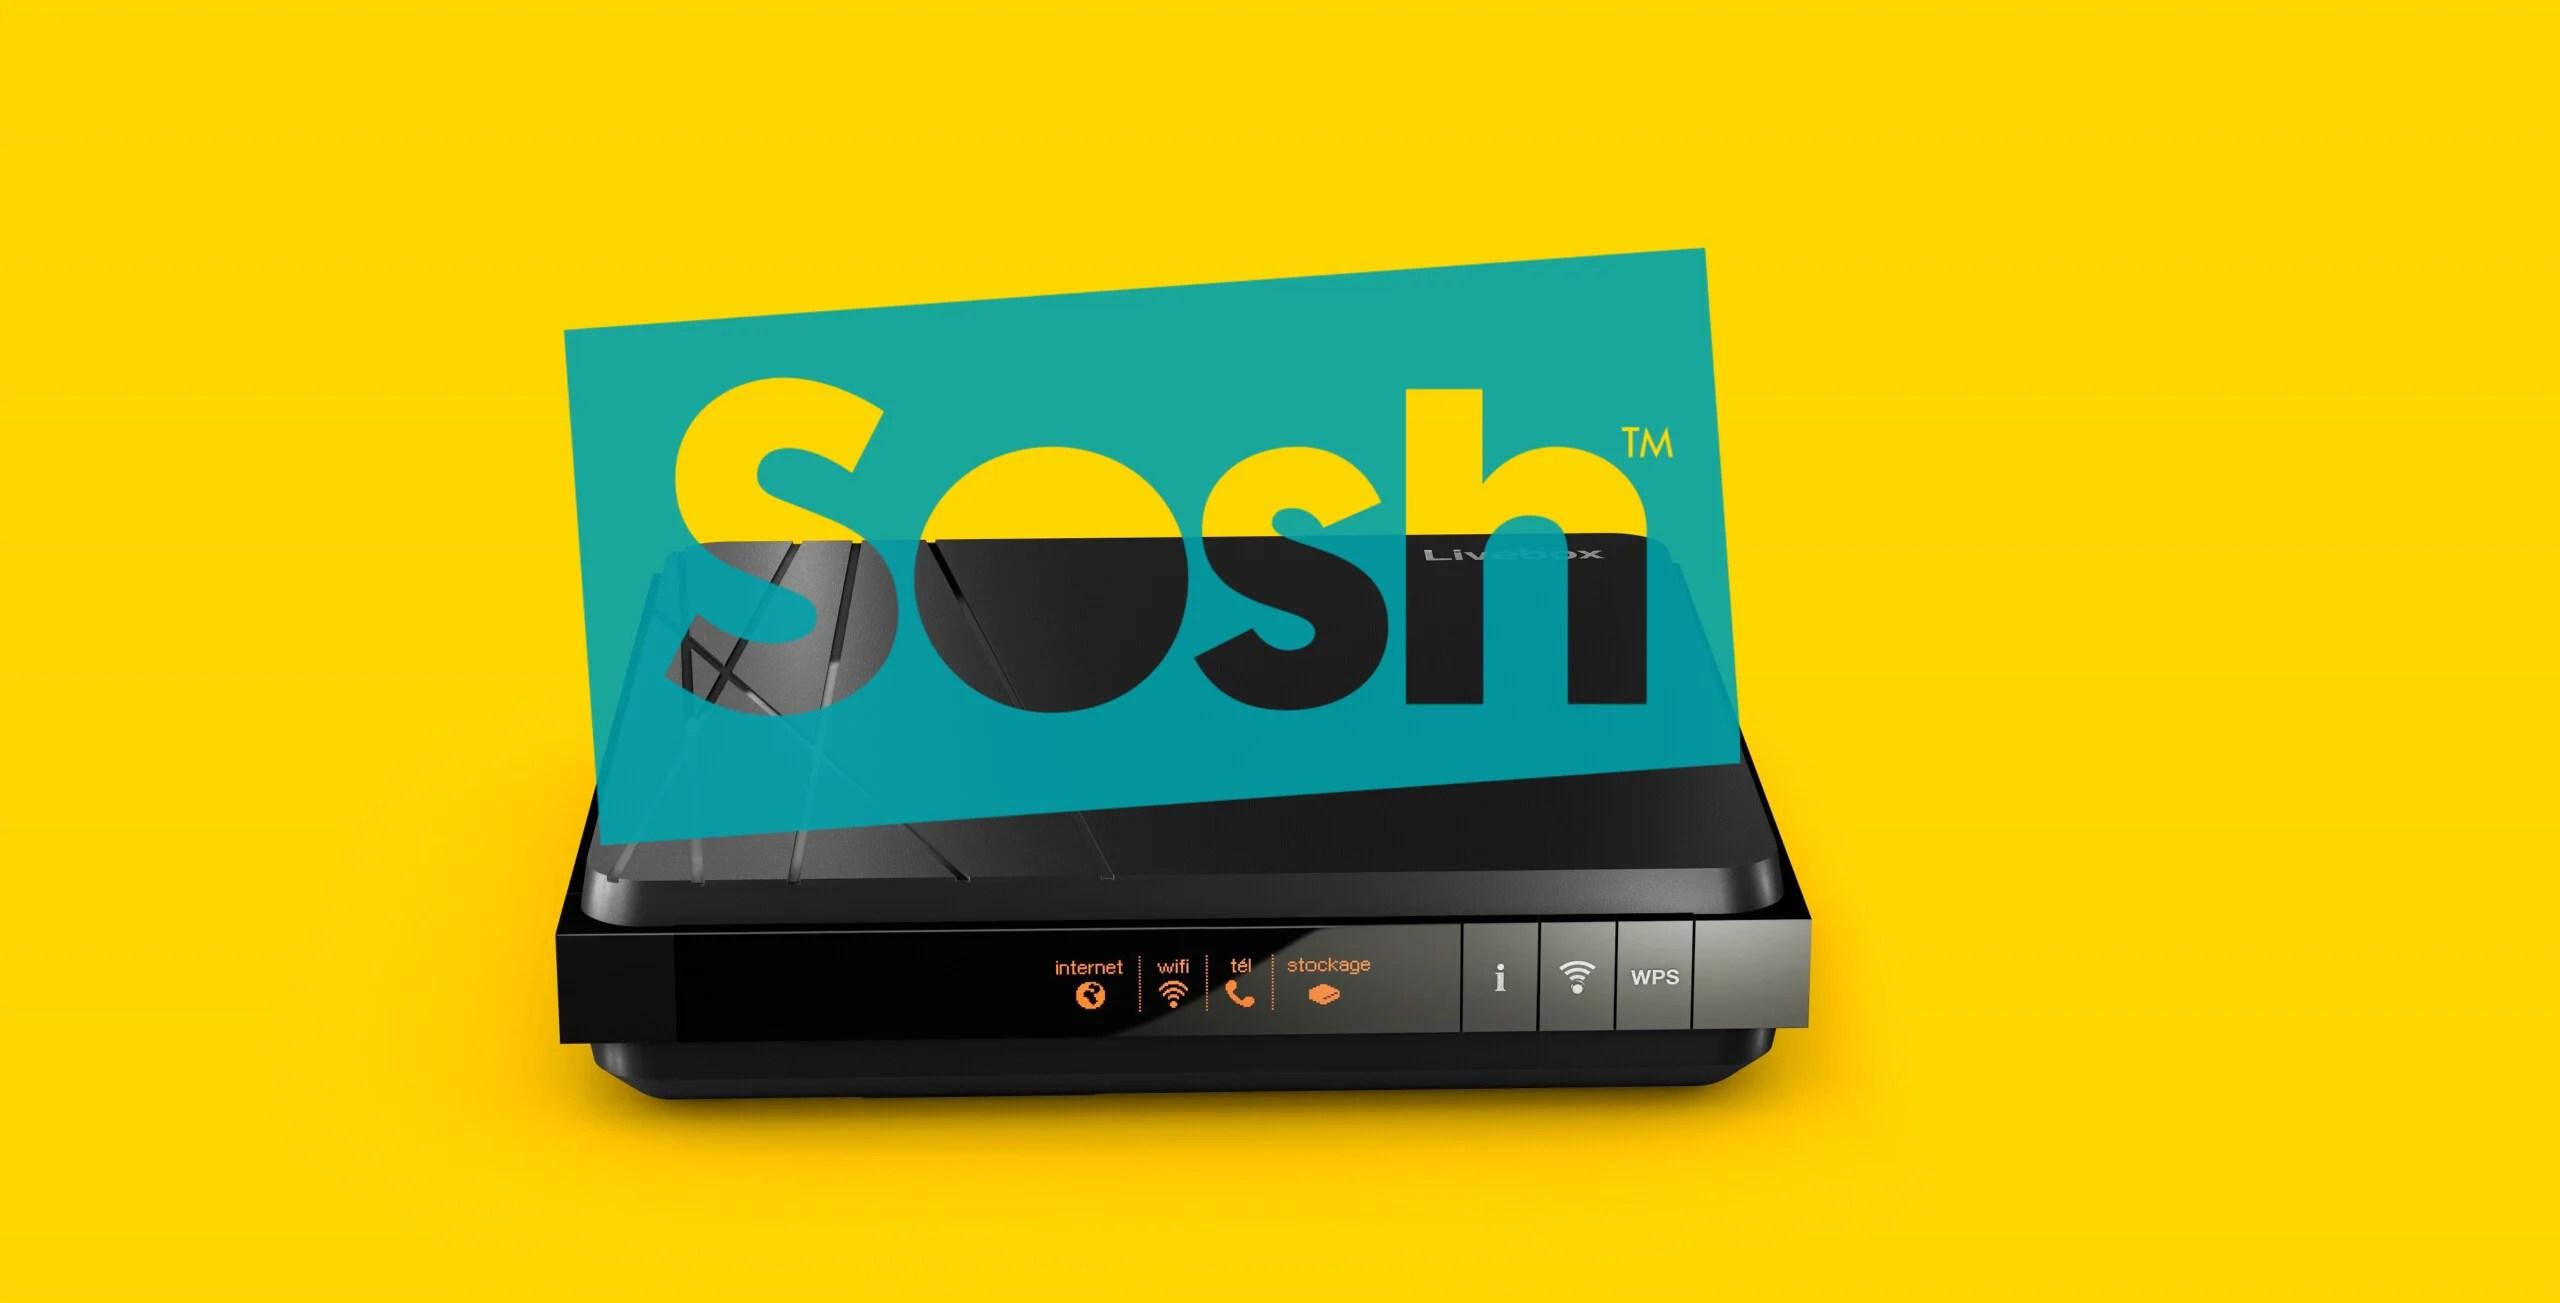 Très bonne nouvelle : la boîte Sosh (Fibre/ADSL) revient à 14,99 euros par mois pendant un an